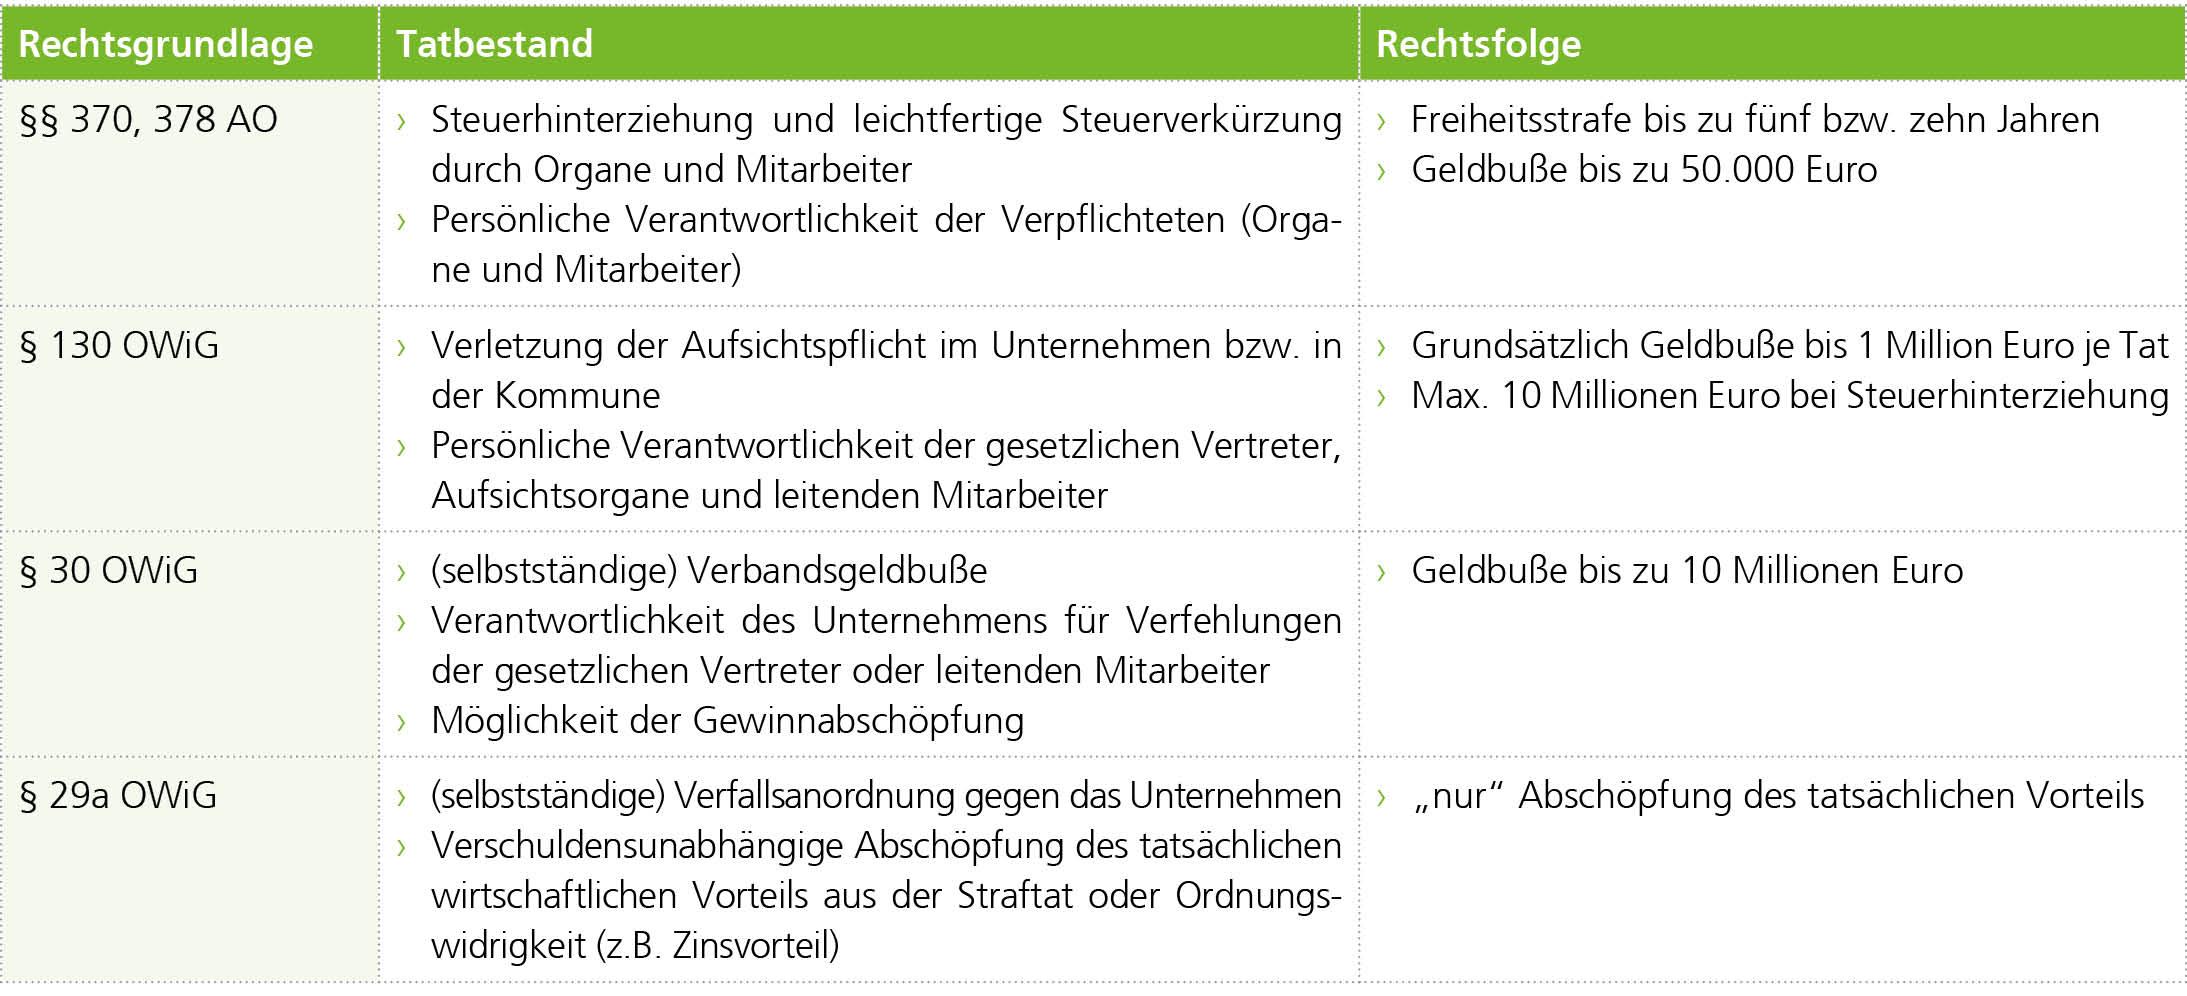 2b Ustg Und Tax Compliance In Der Sache Getrennt Und Im Grunde